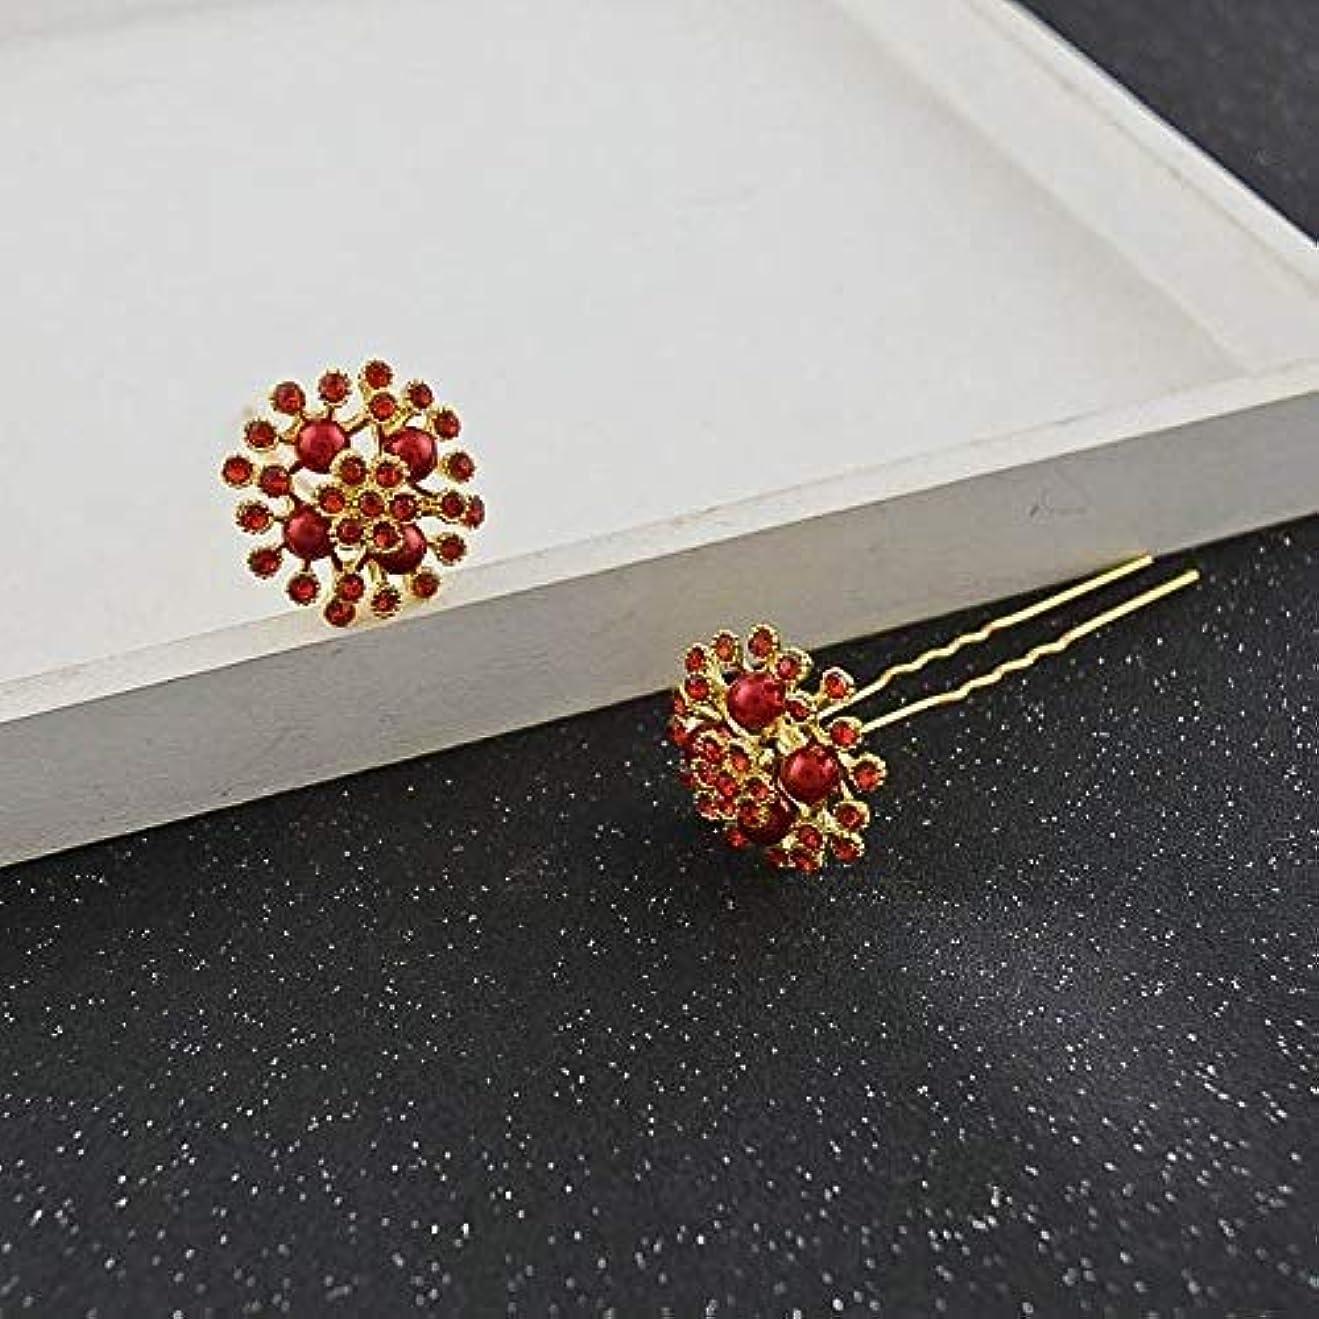 ボックス廃棄する皮LUOSAI 結婚式のためのラインストーンの花のヘアピンエレガントなヘアアクセサリーヘアピン(赤)ヘアピン2本